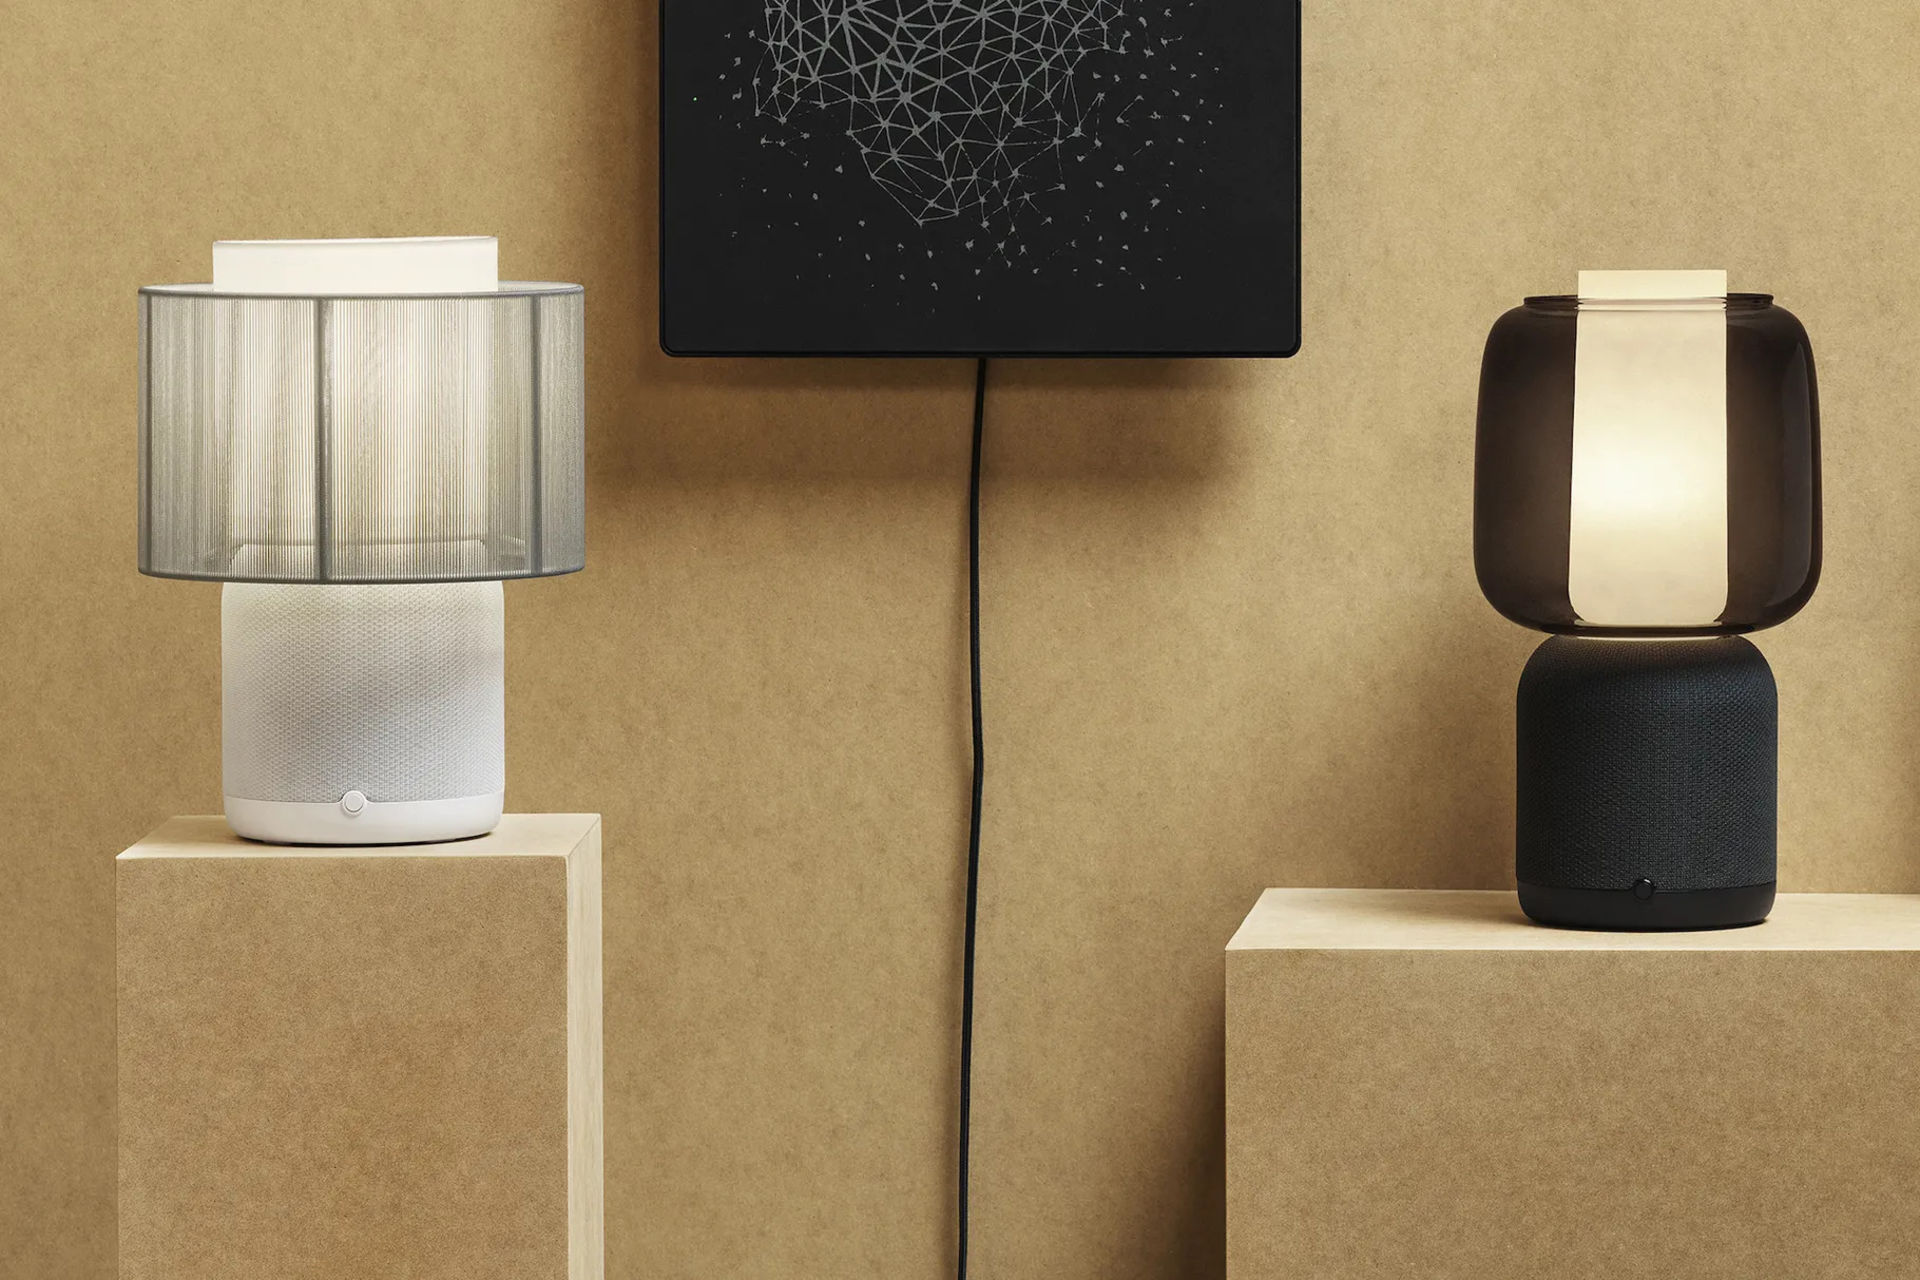 Ikea och Sonos släpper ny Symfonisk-lampa